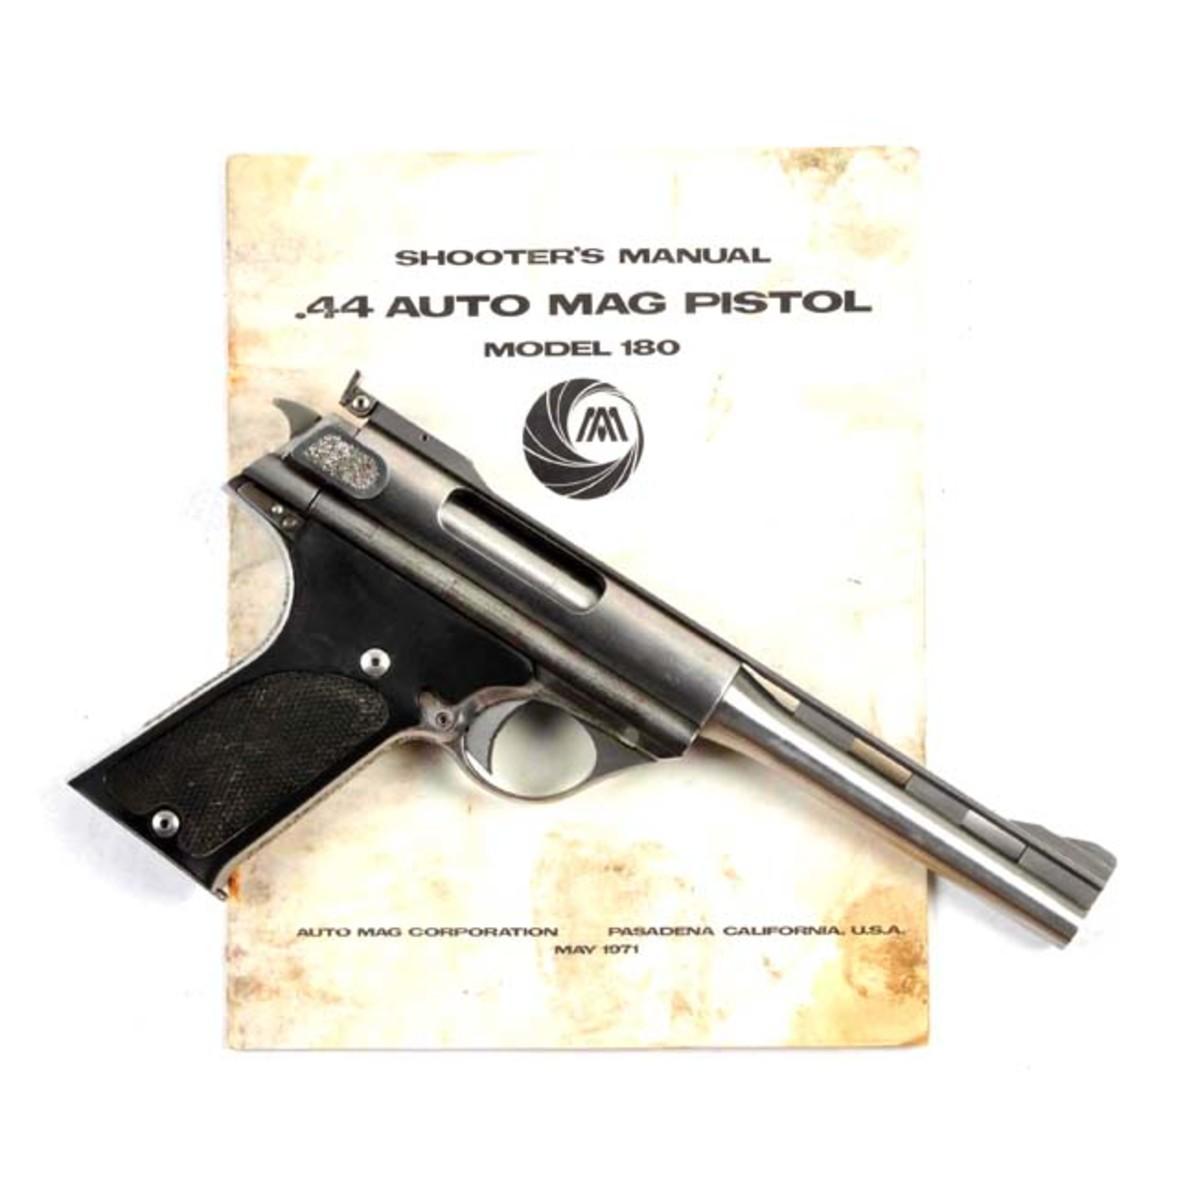 Auto Mag Model 180 .357 AMP Prototype Pistol